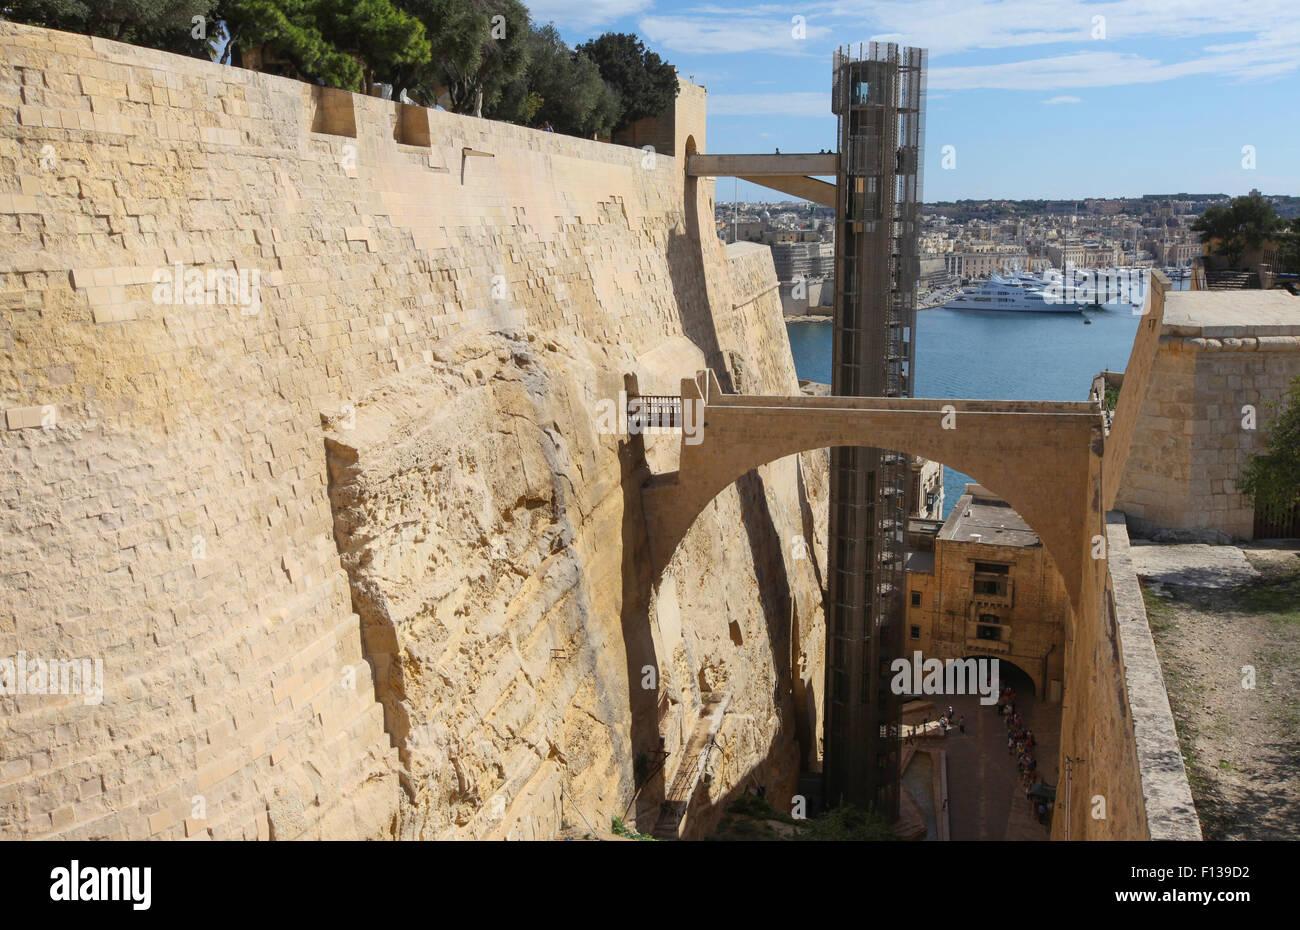 Barrakka Lift in Valletta, Malta. - Stock Image